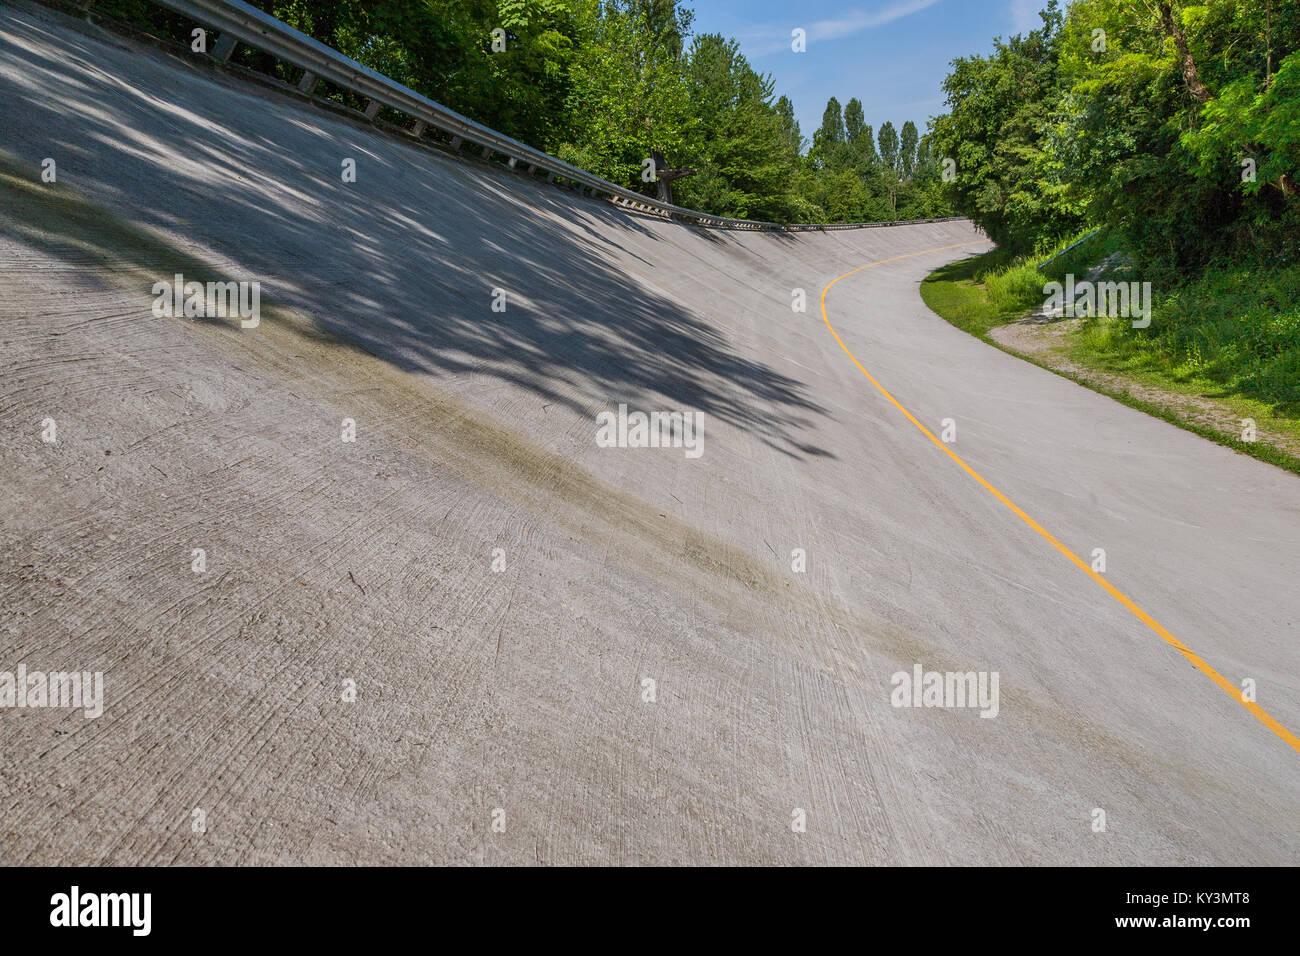 Die alte FI Rennstrecke Banking der Autodromo Nazionale, Monza, Italien Stockbild